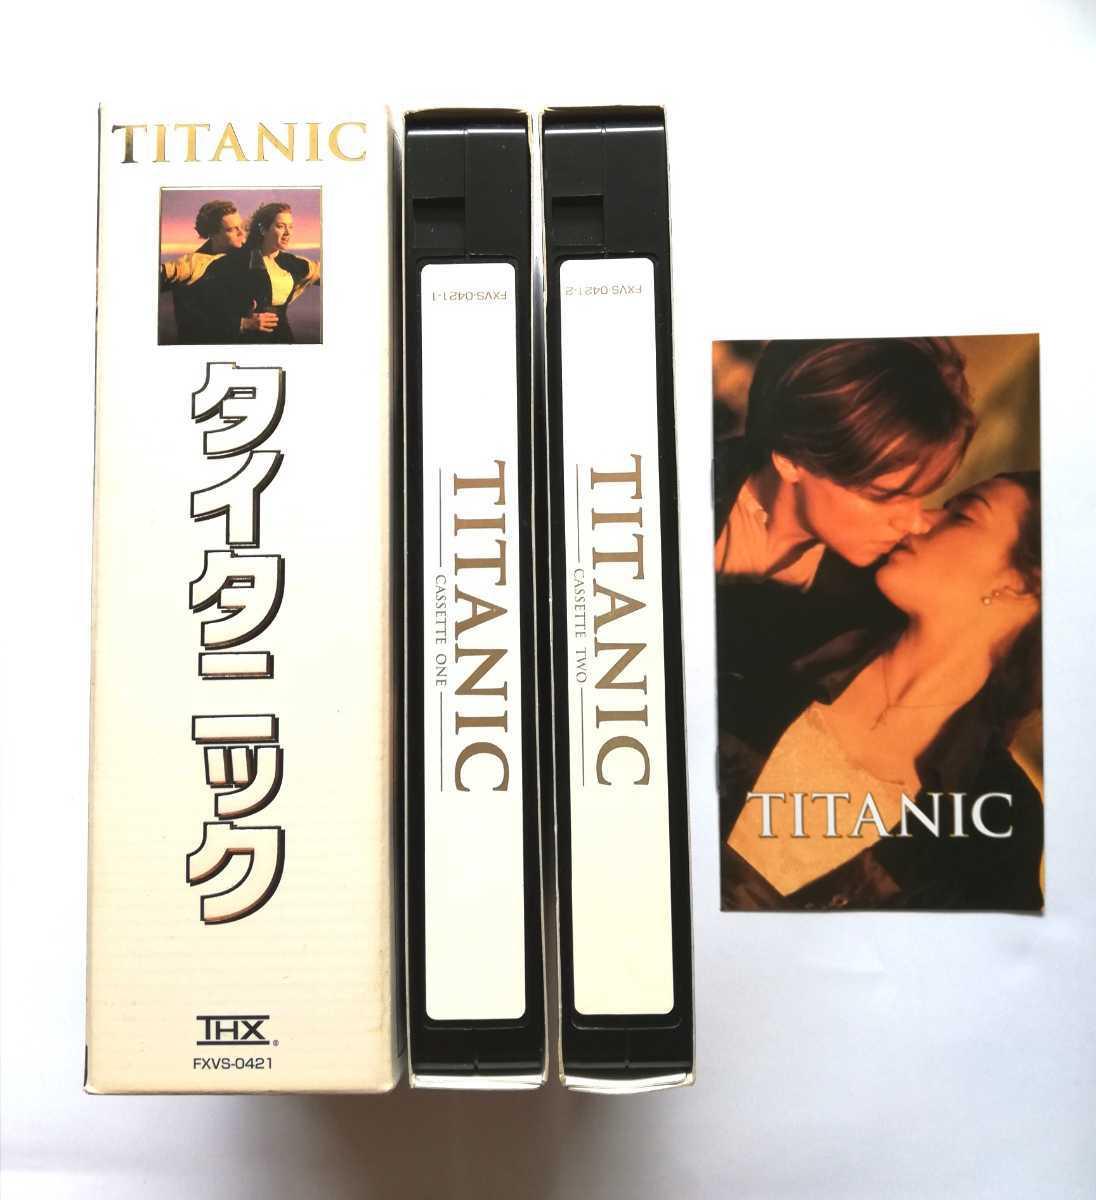 VHS ビデオテープ タイタニック TITANIC 字幕  ジェームズ・キャメロン監督 レオナルド・ディカプリオ ケイト・ウィンスレット _画像9